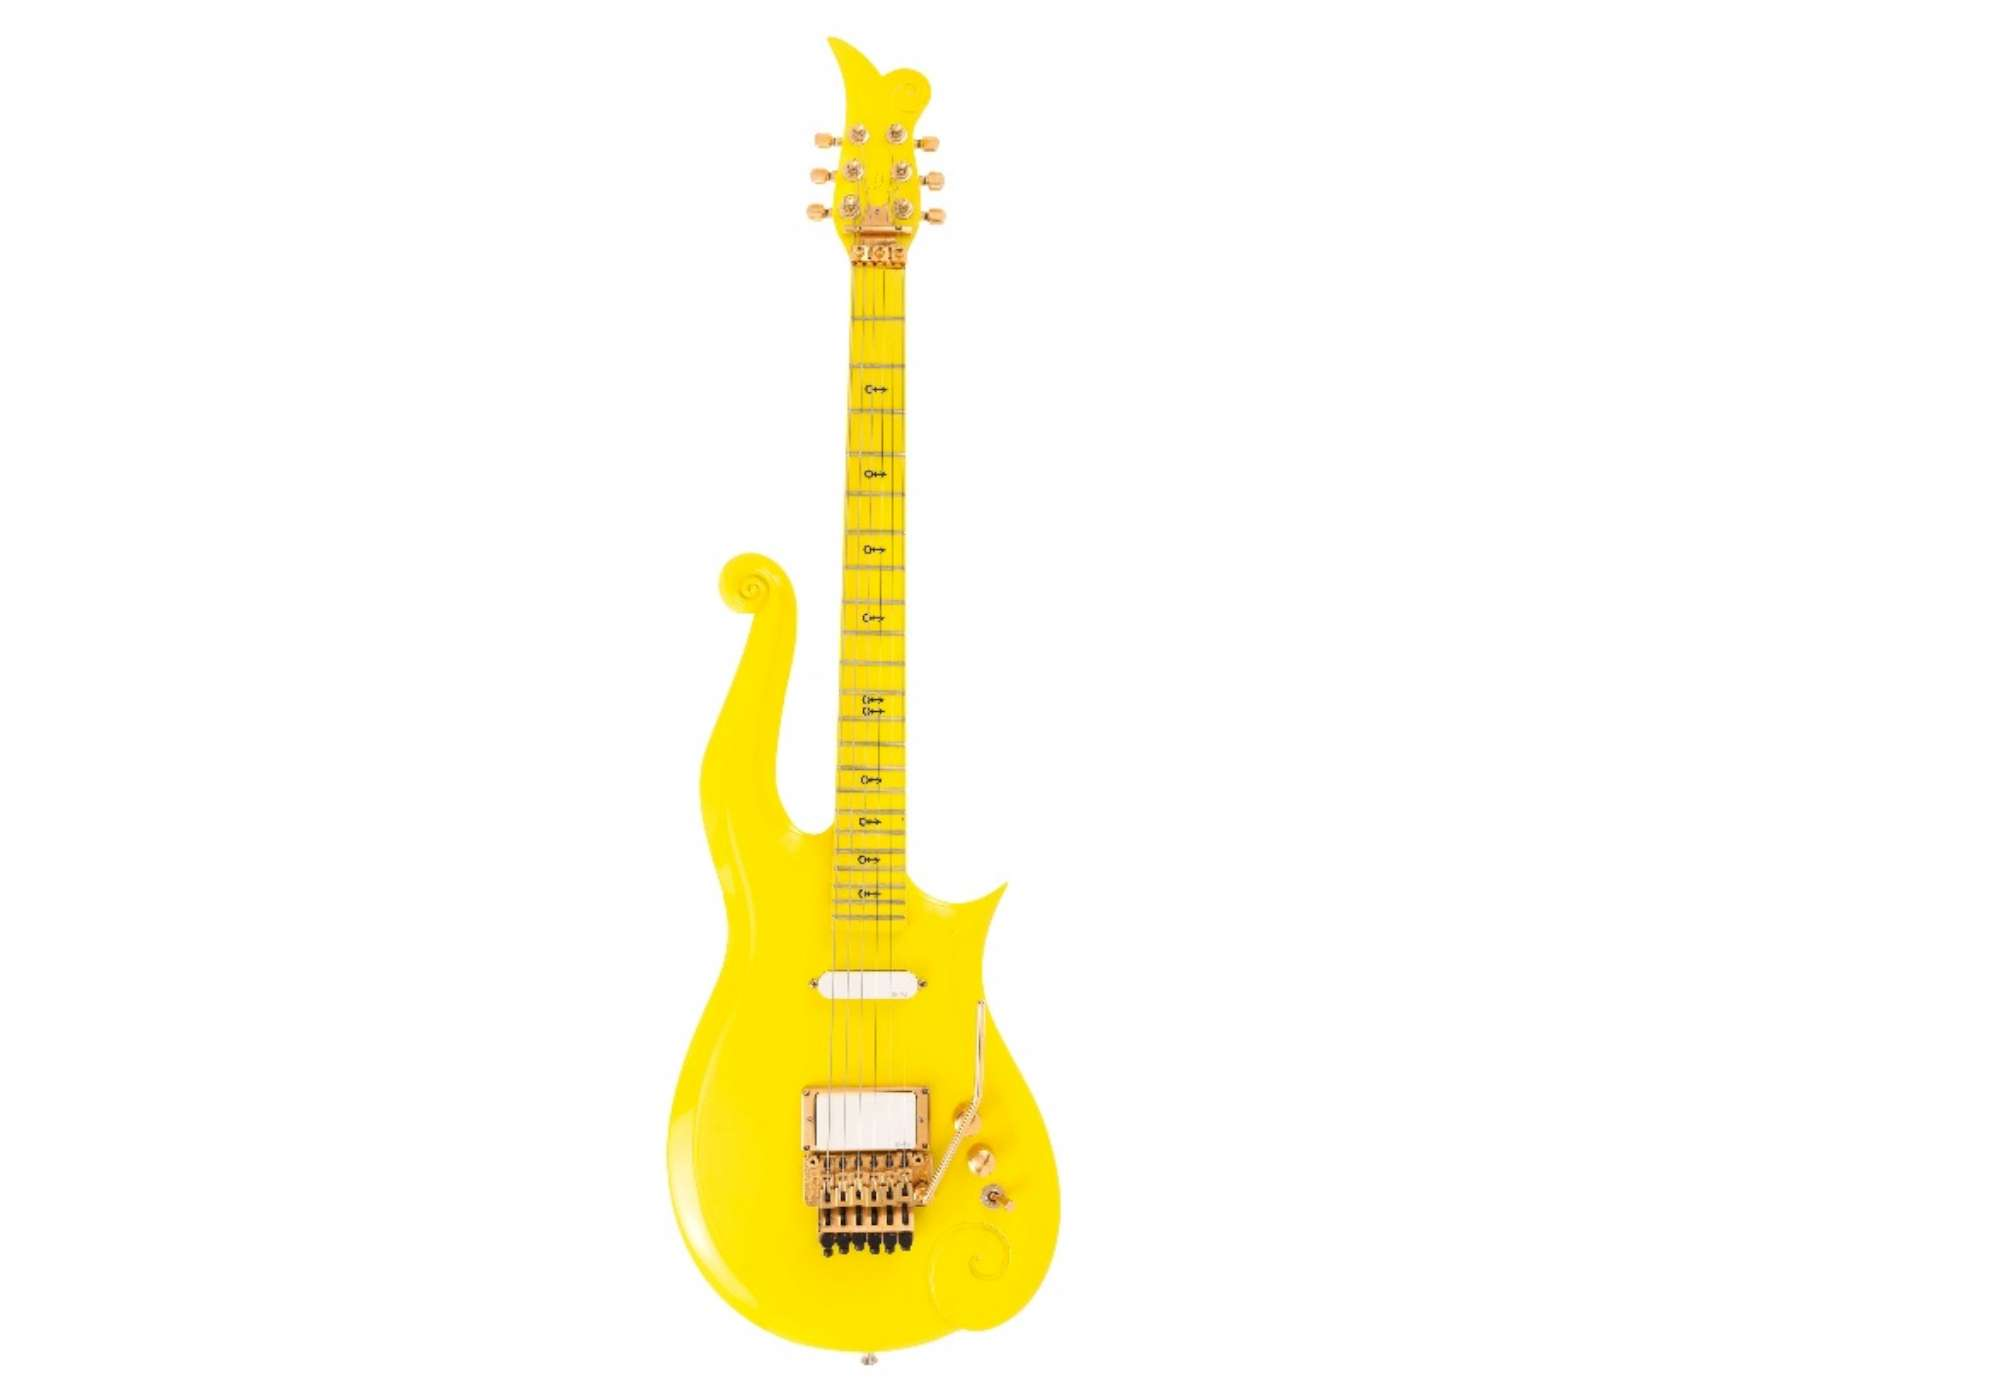 Prince: la chitarra Yellow cloud sarà venduta all'asta insieme ad altri oggetti